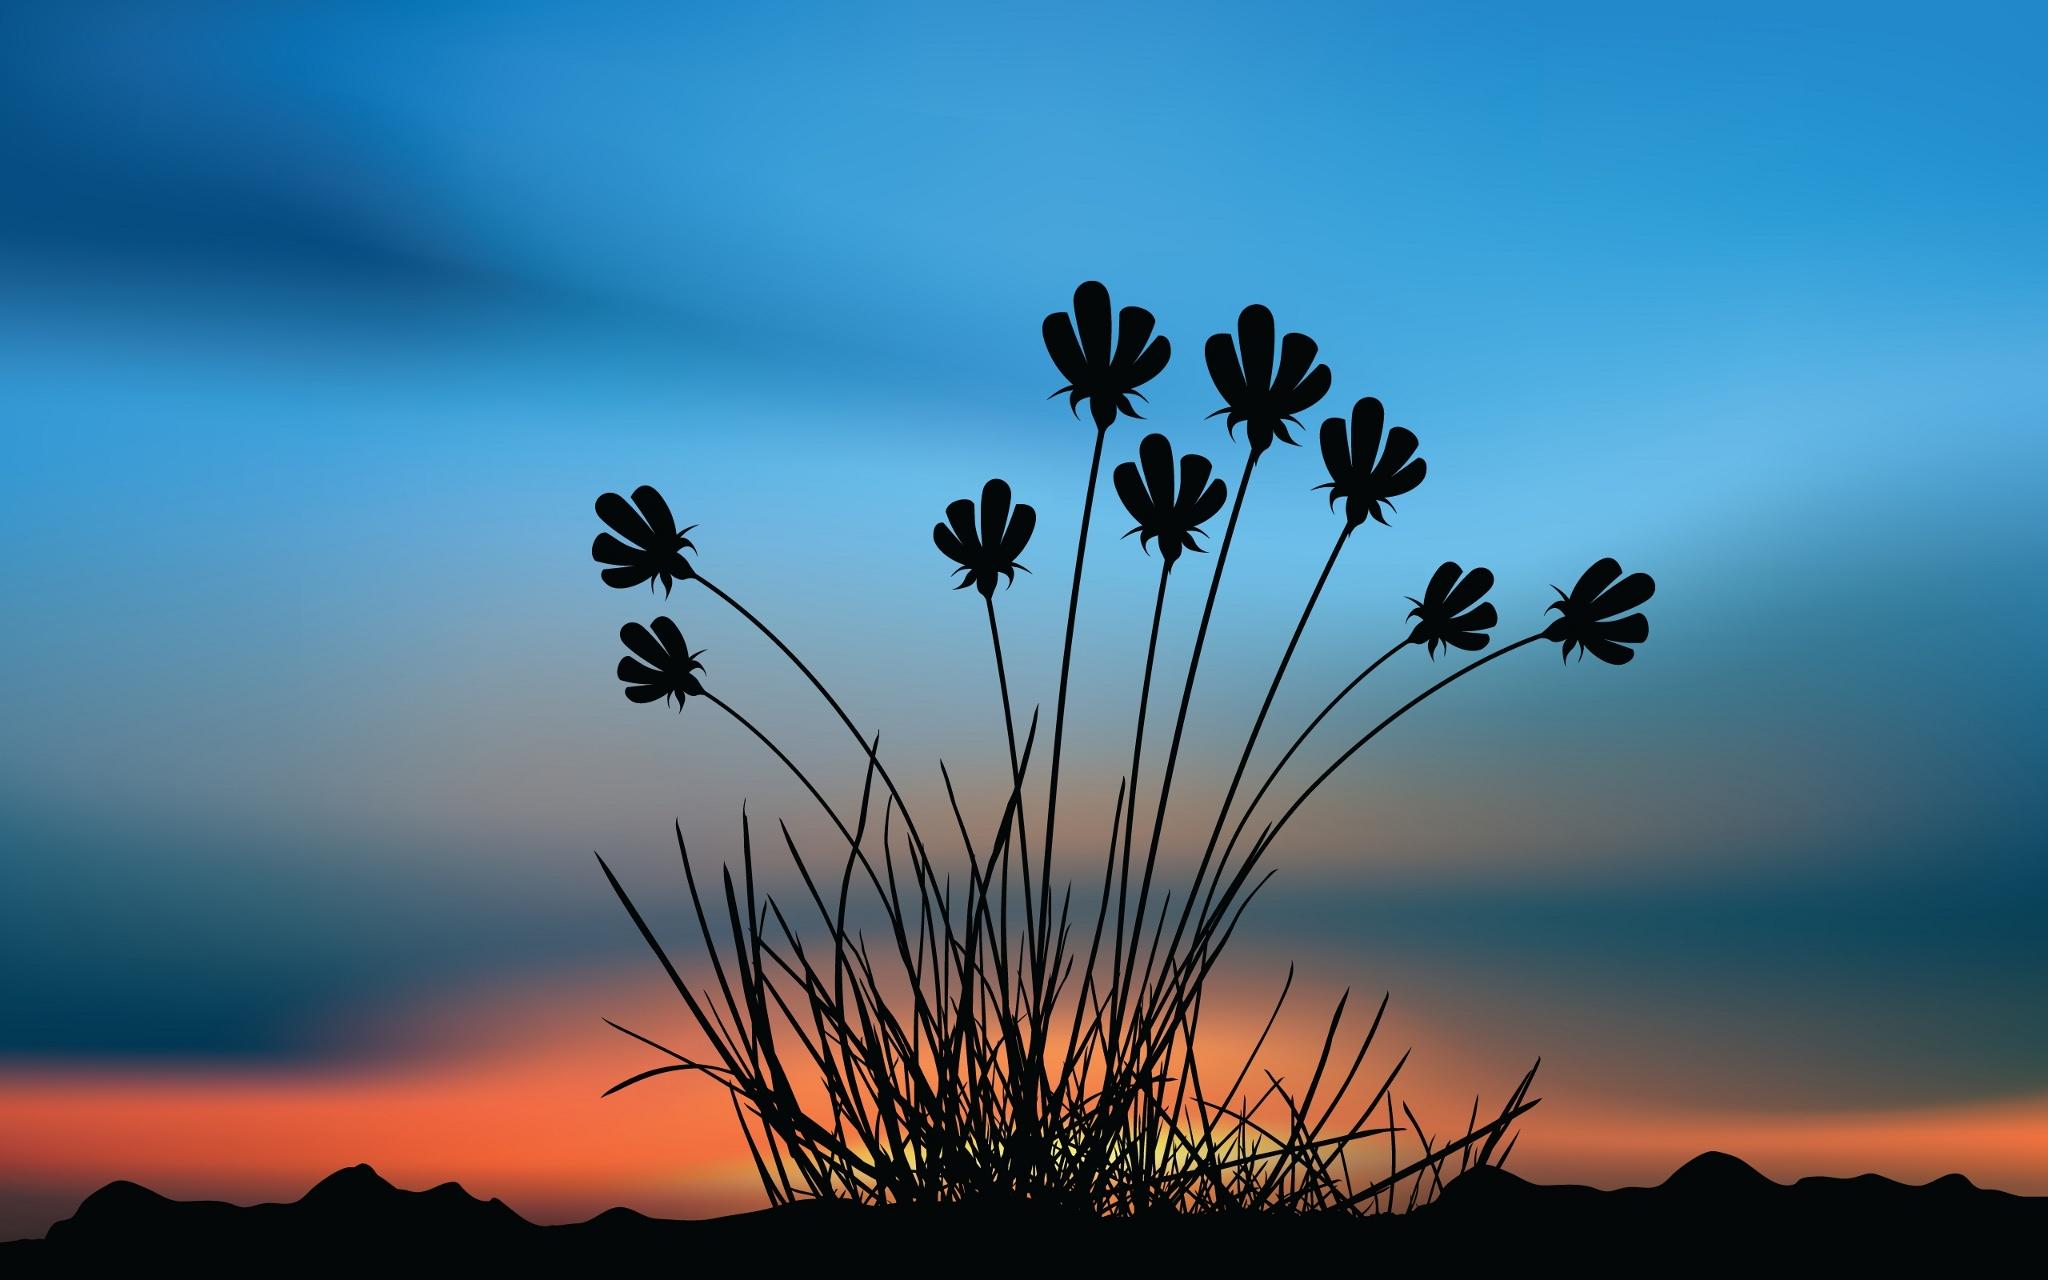 Картинки цветы на фоне заката